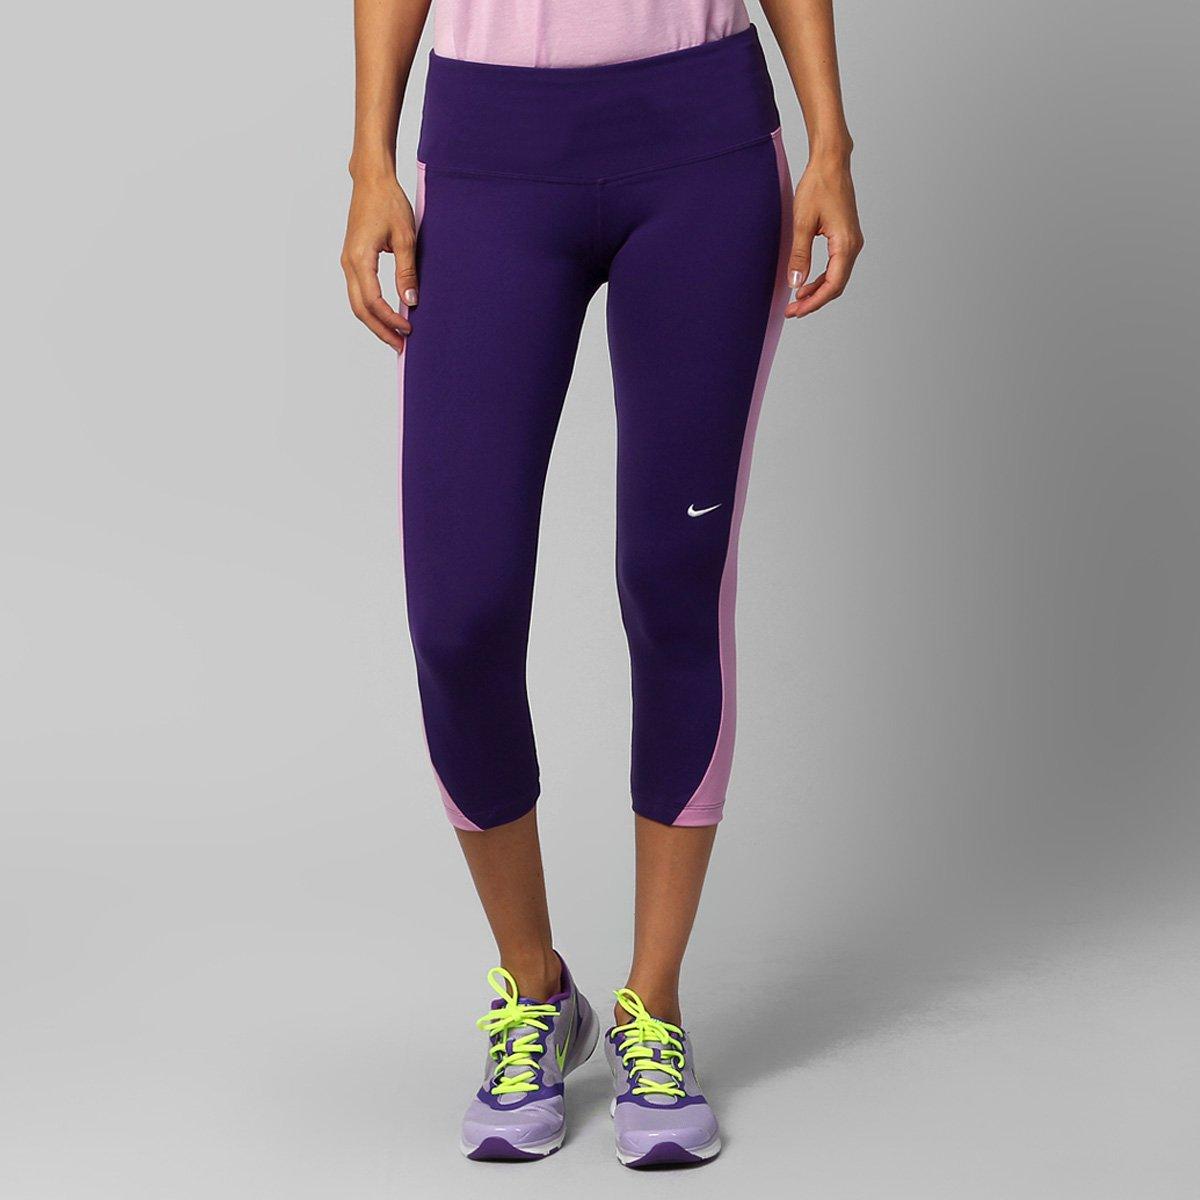 Calça 3 4 Nike Tight 3 - Compre Agora  7cf409736fb60